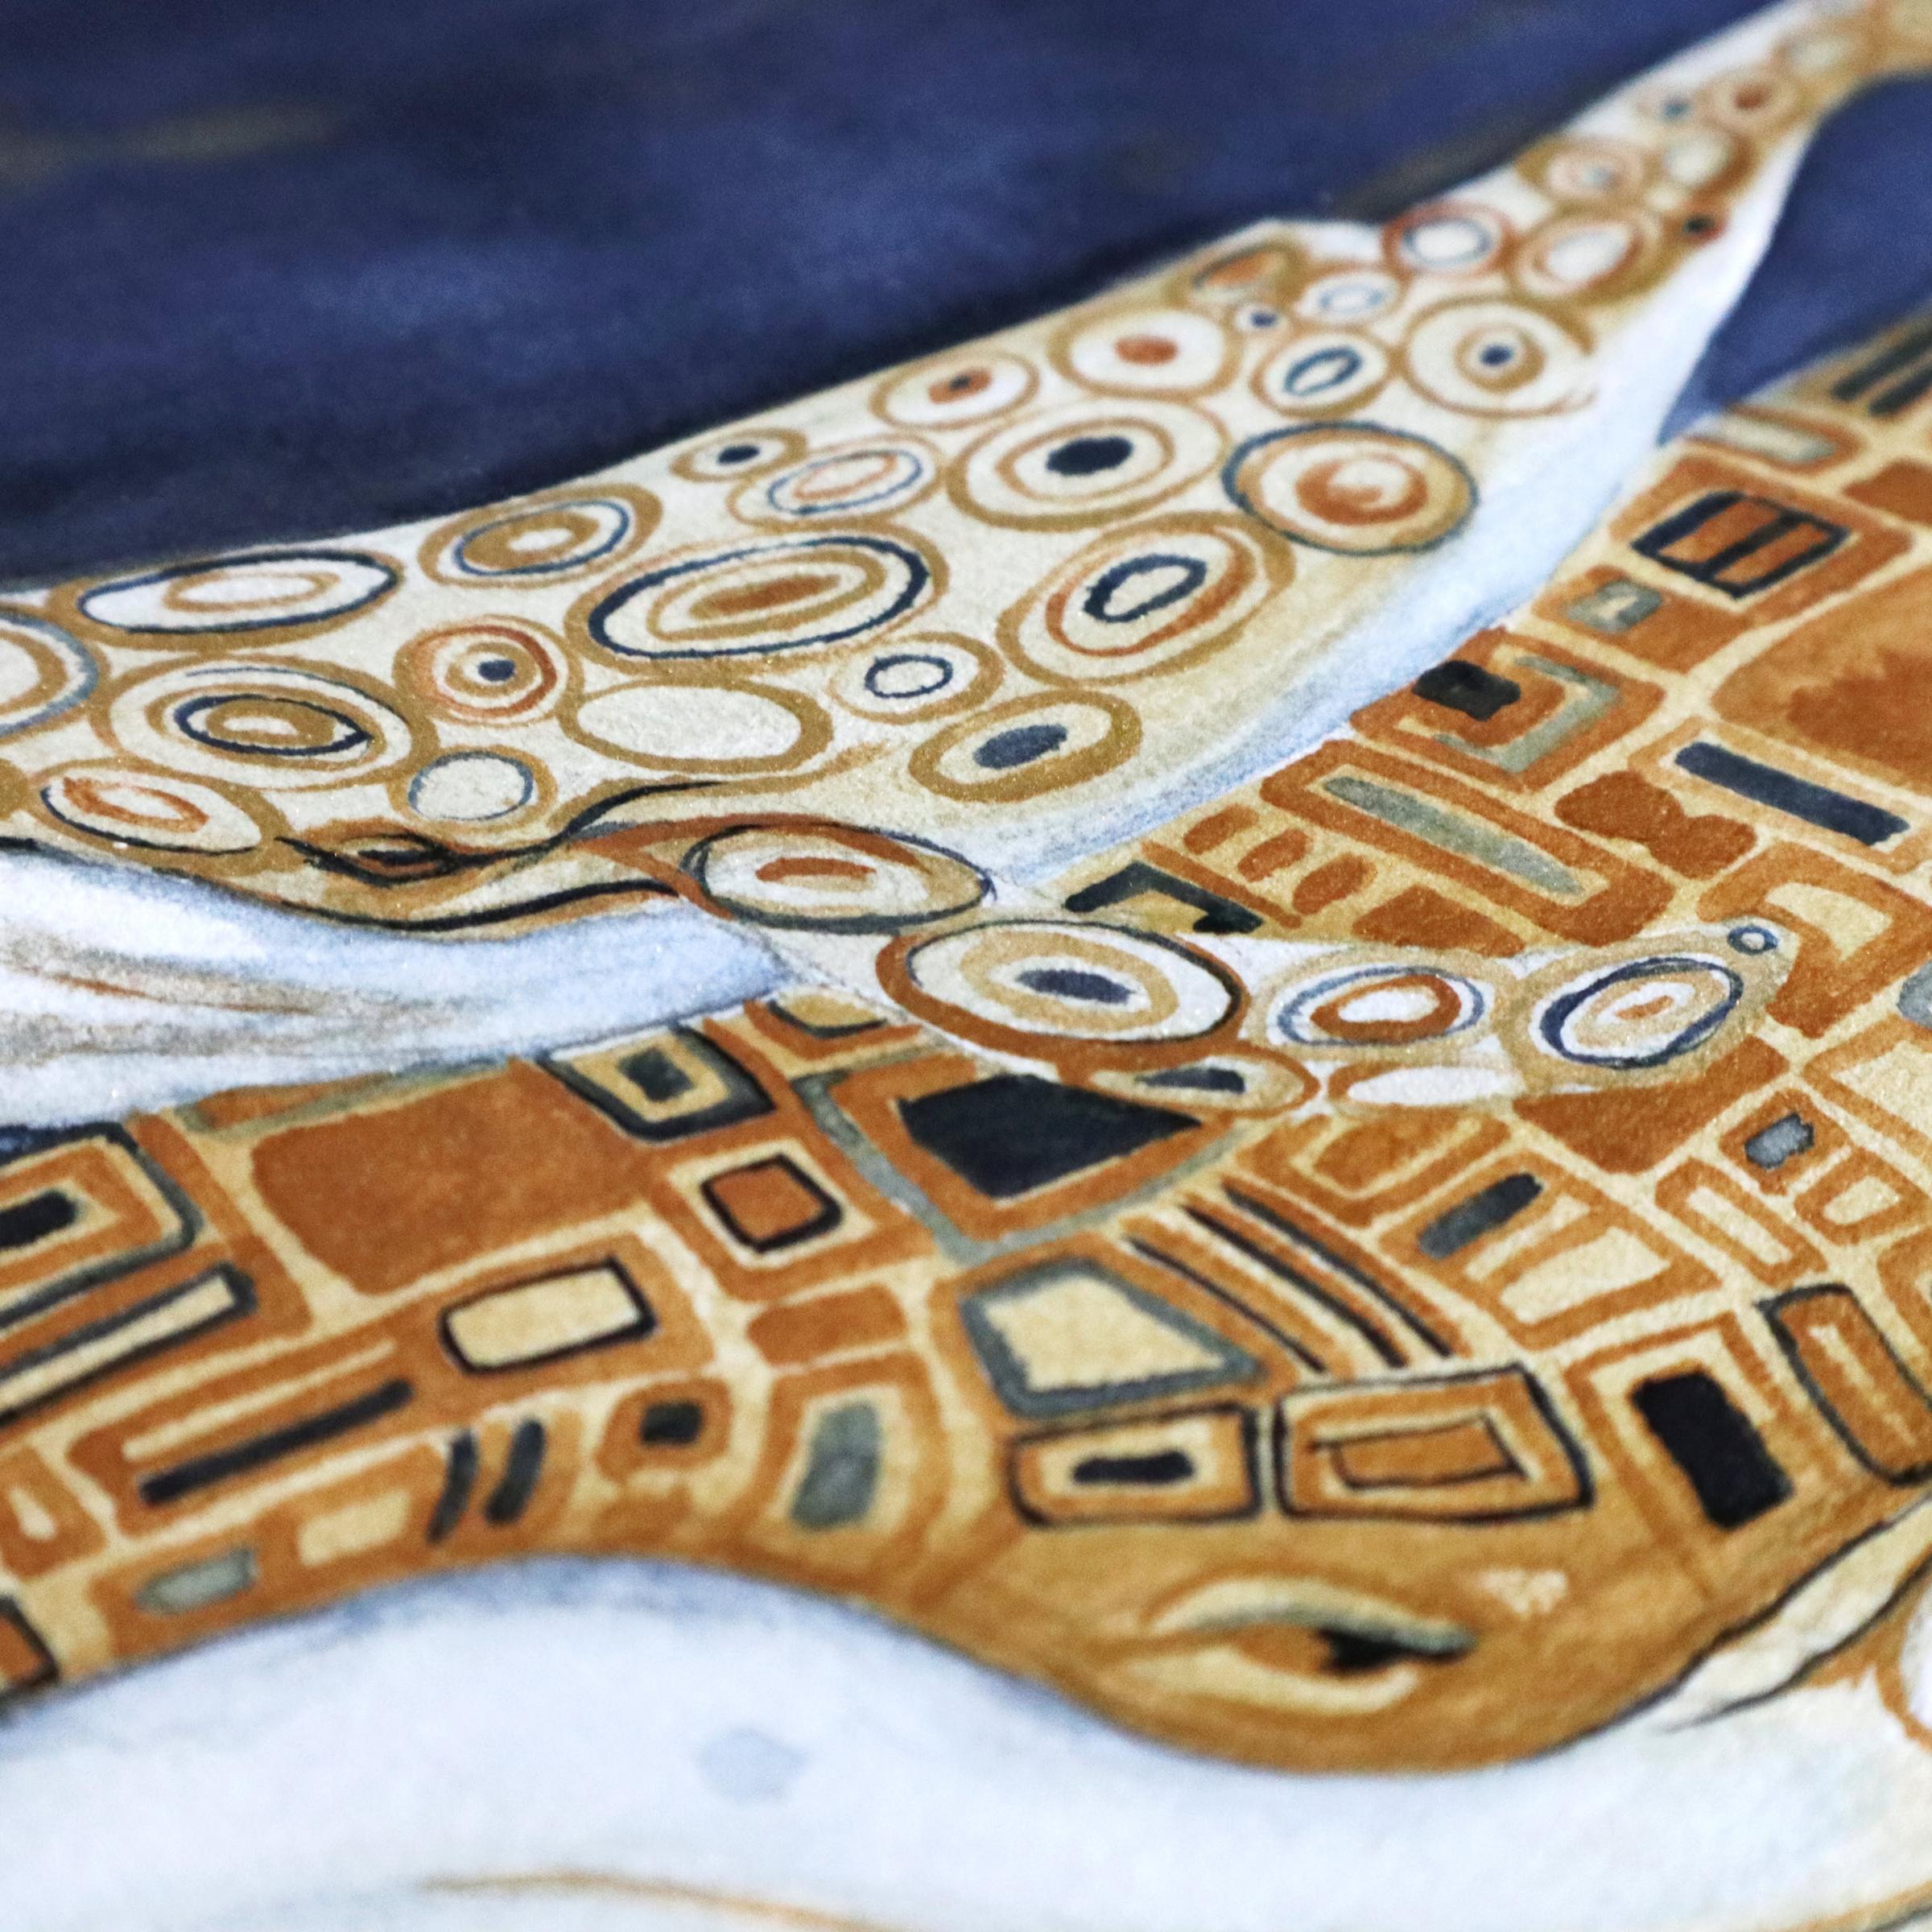 Detailaufnahme der Goldenen Flächen mit etwas dunkelblauer Farbe auf den beiden Walen.